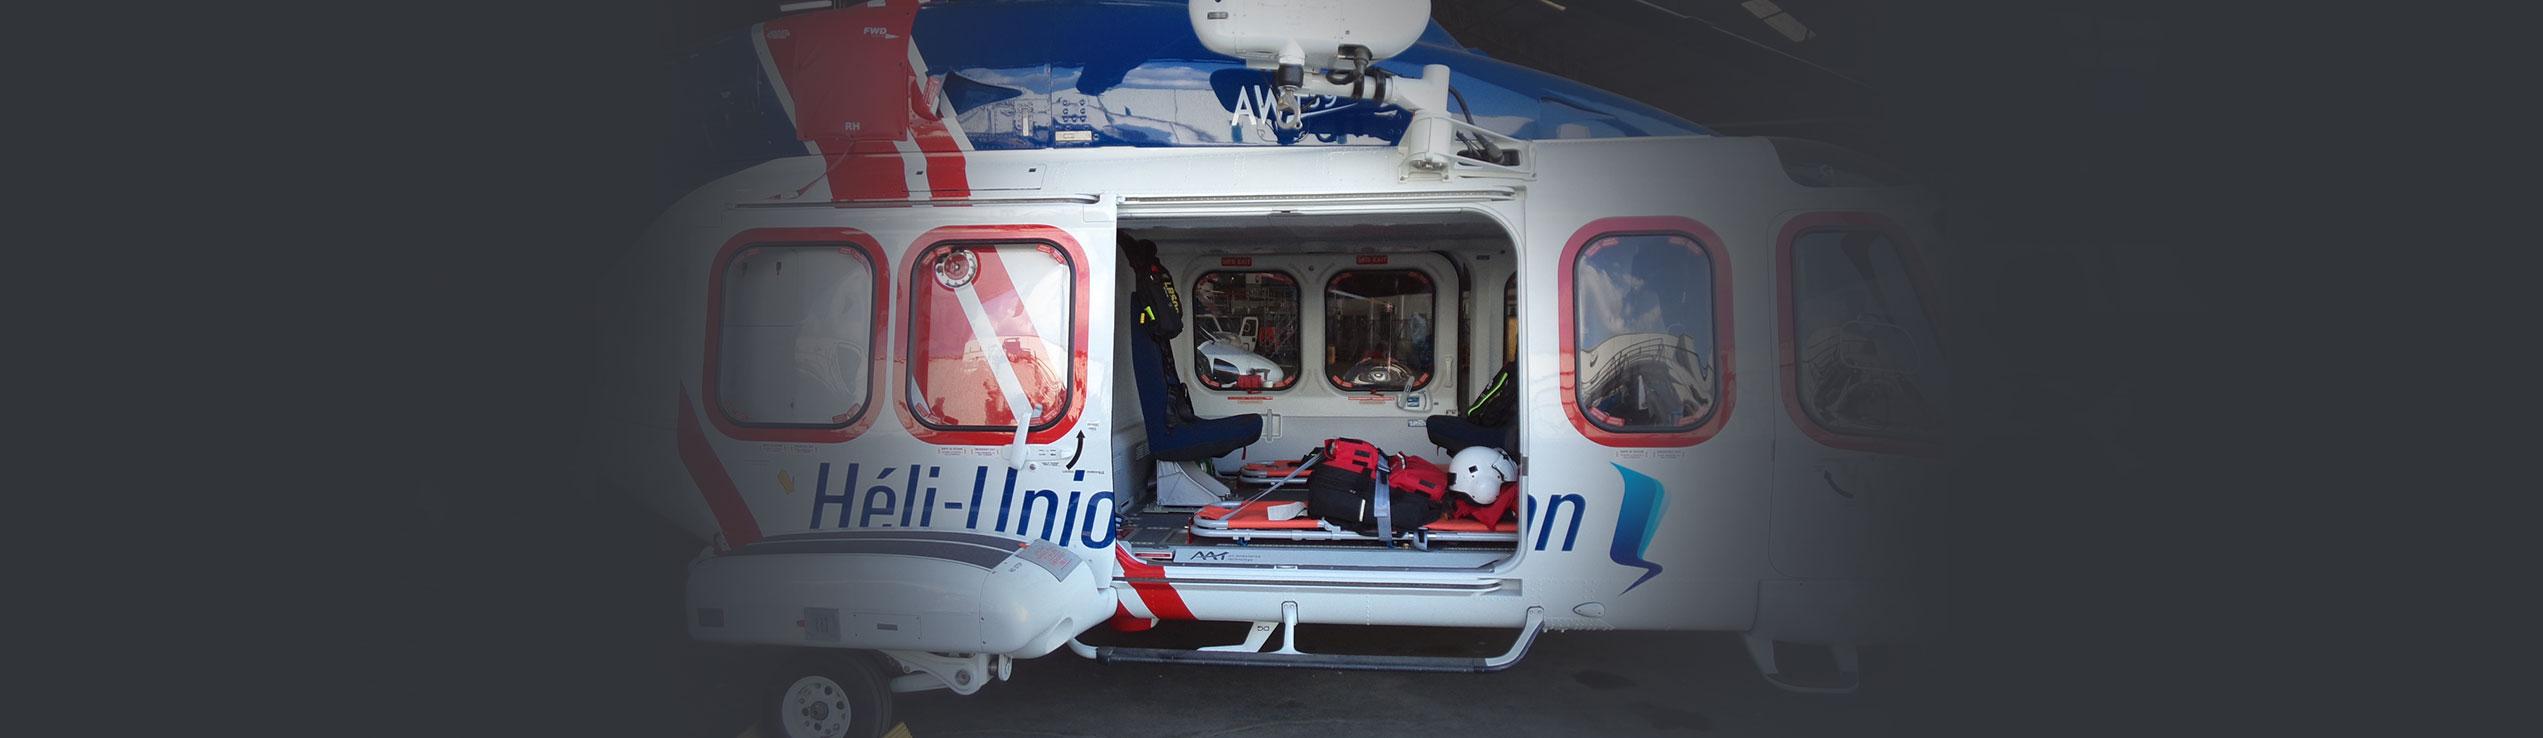 helicopter medevac